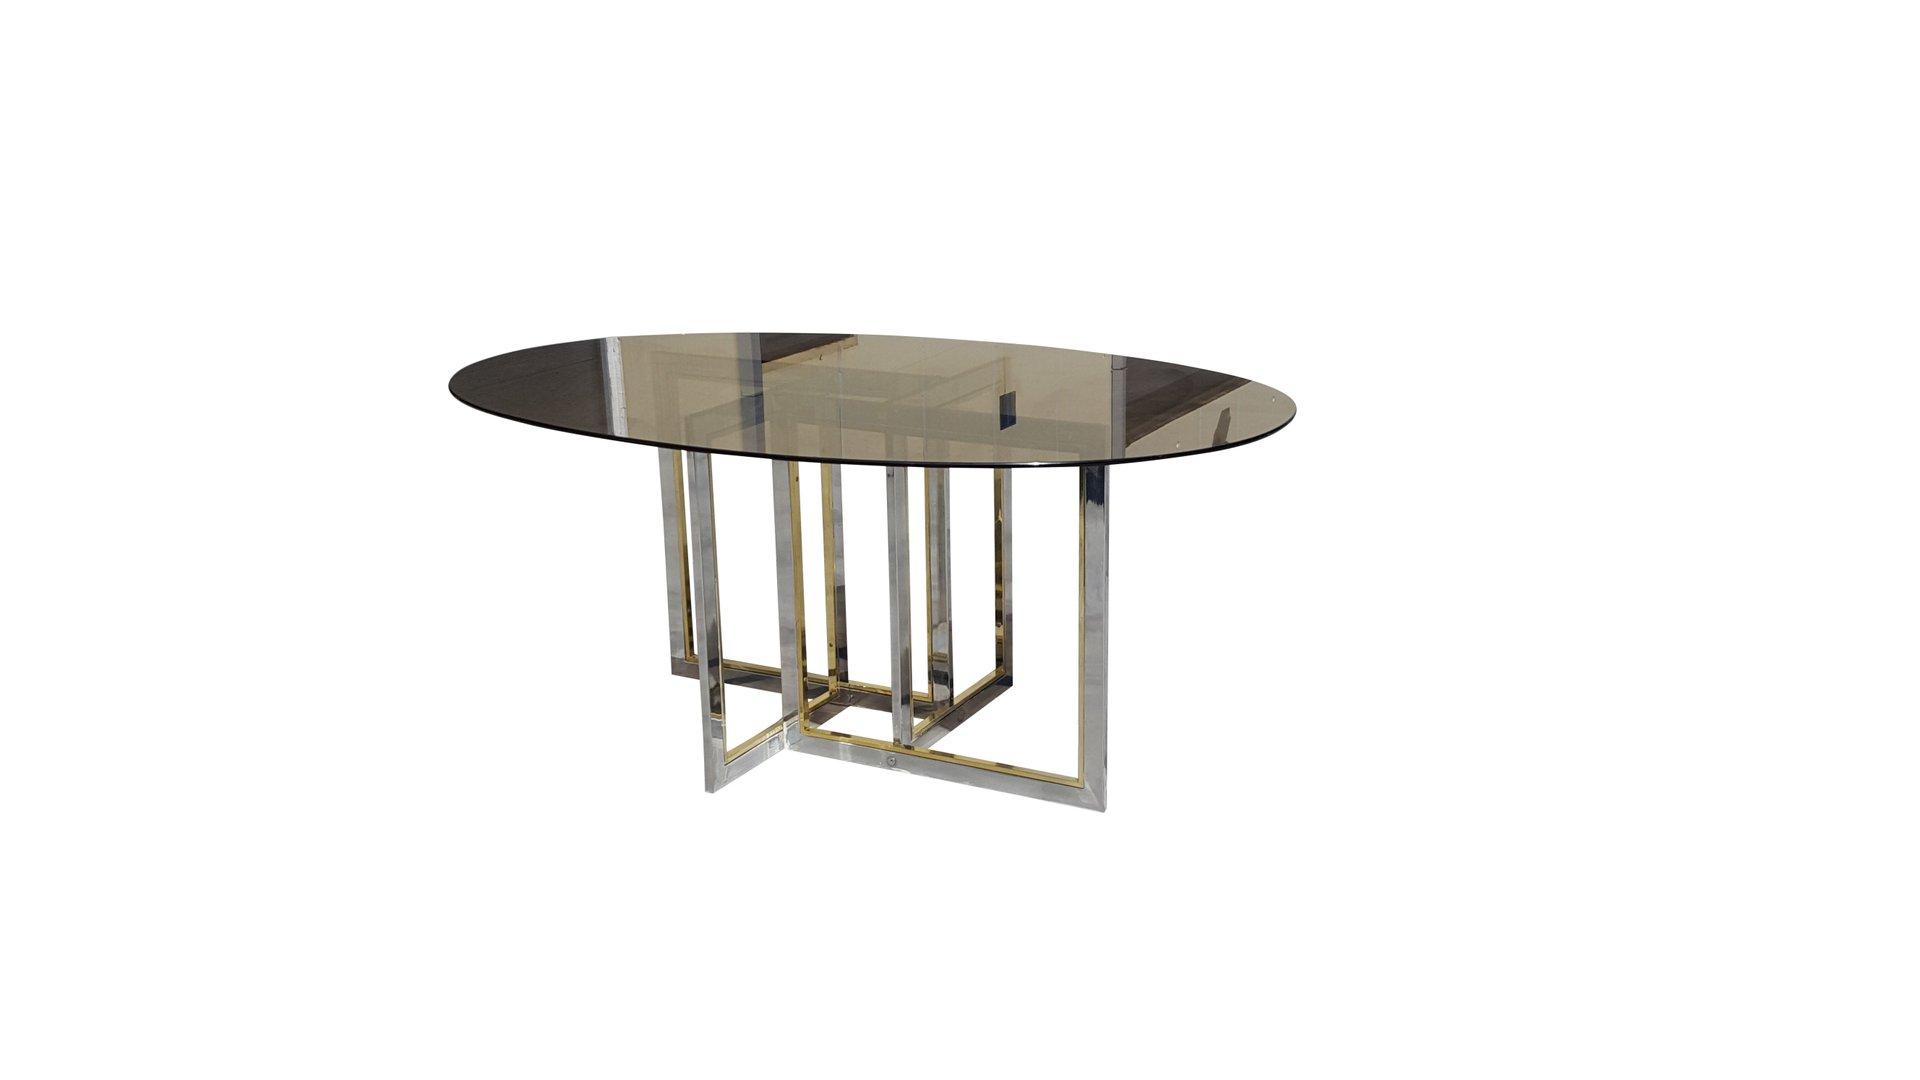 Table de salle manger mid century en laiton chrome et for Salle a manger table en verre